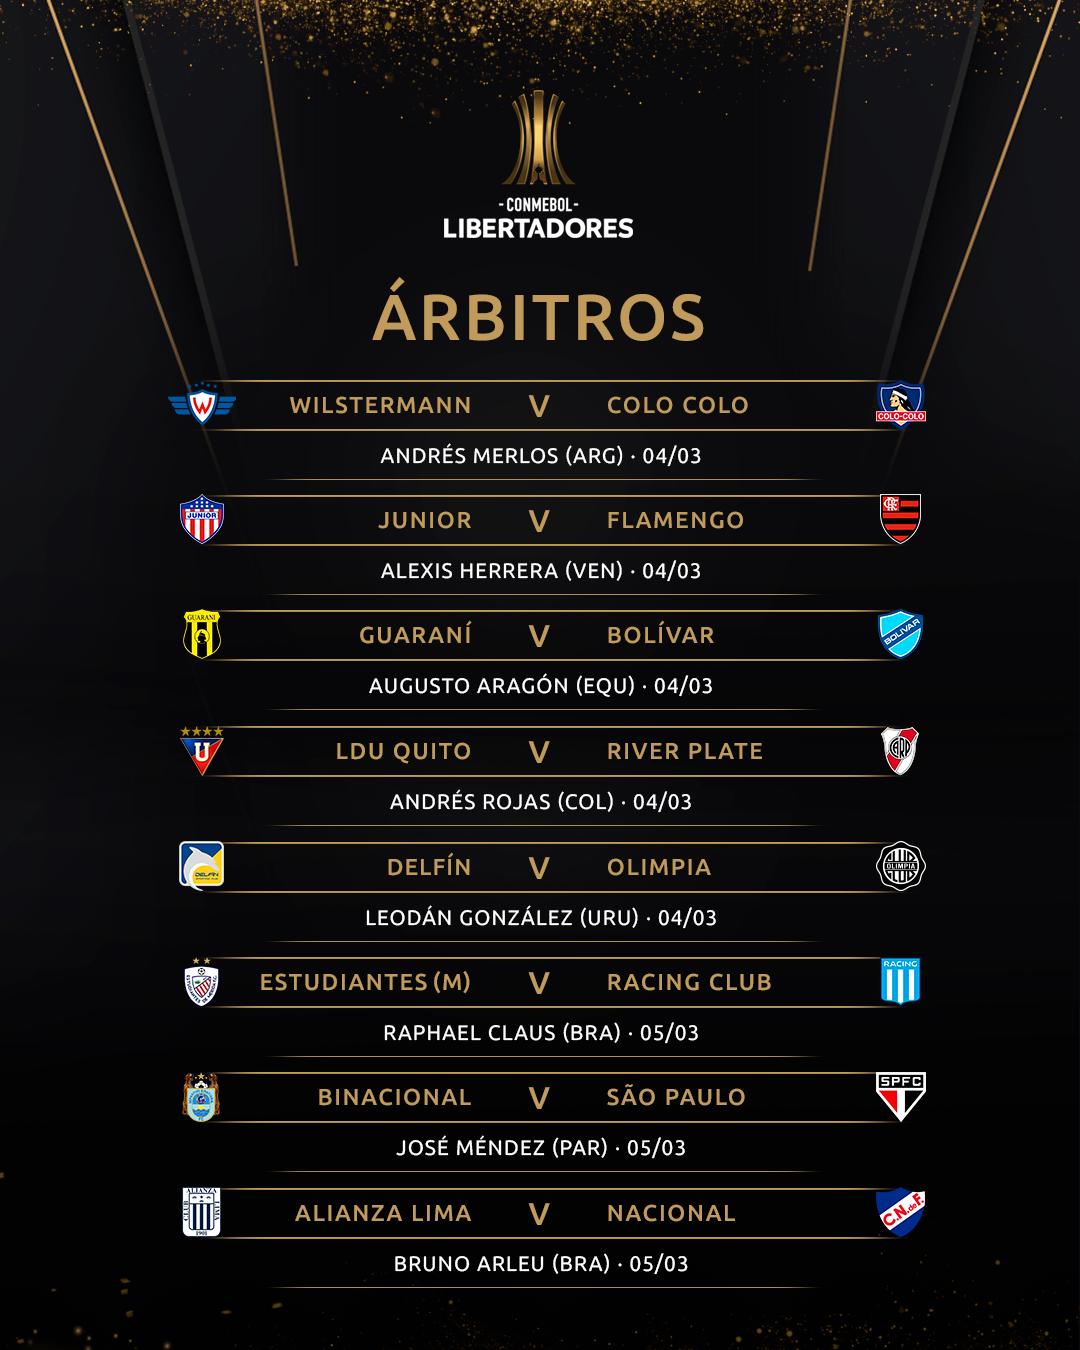 Árbitros 2 Libertadores Rodada 1